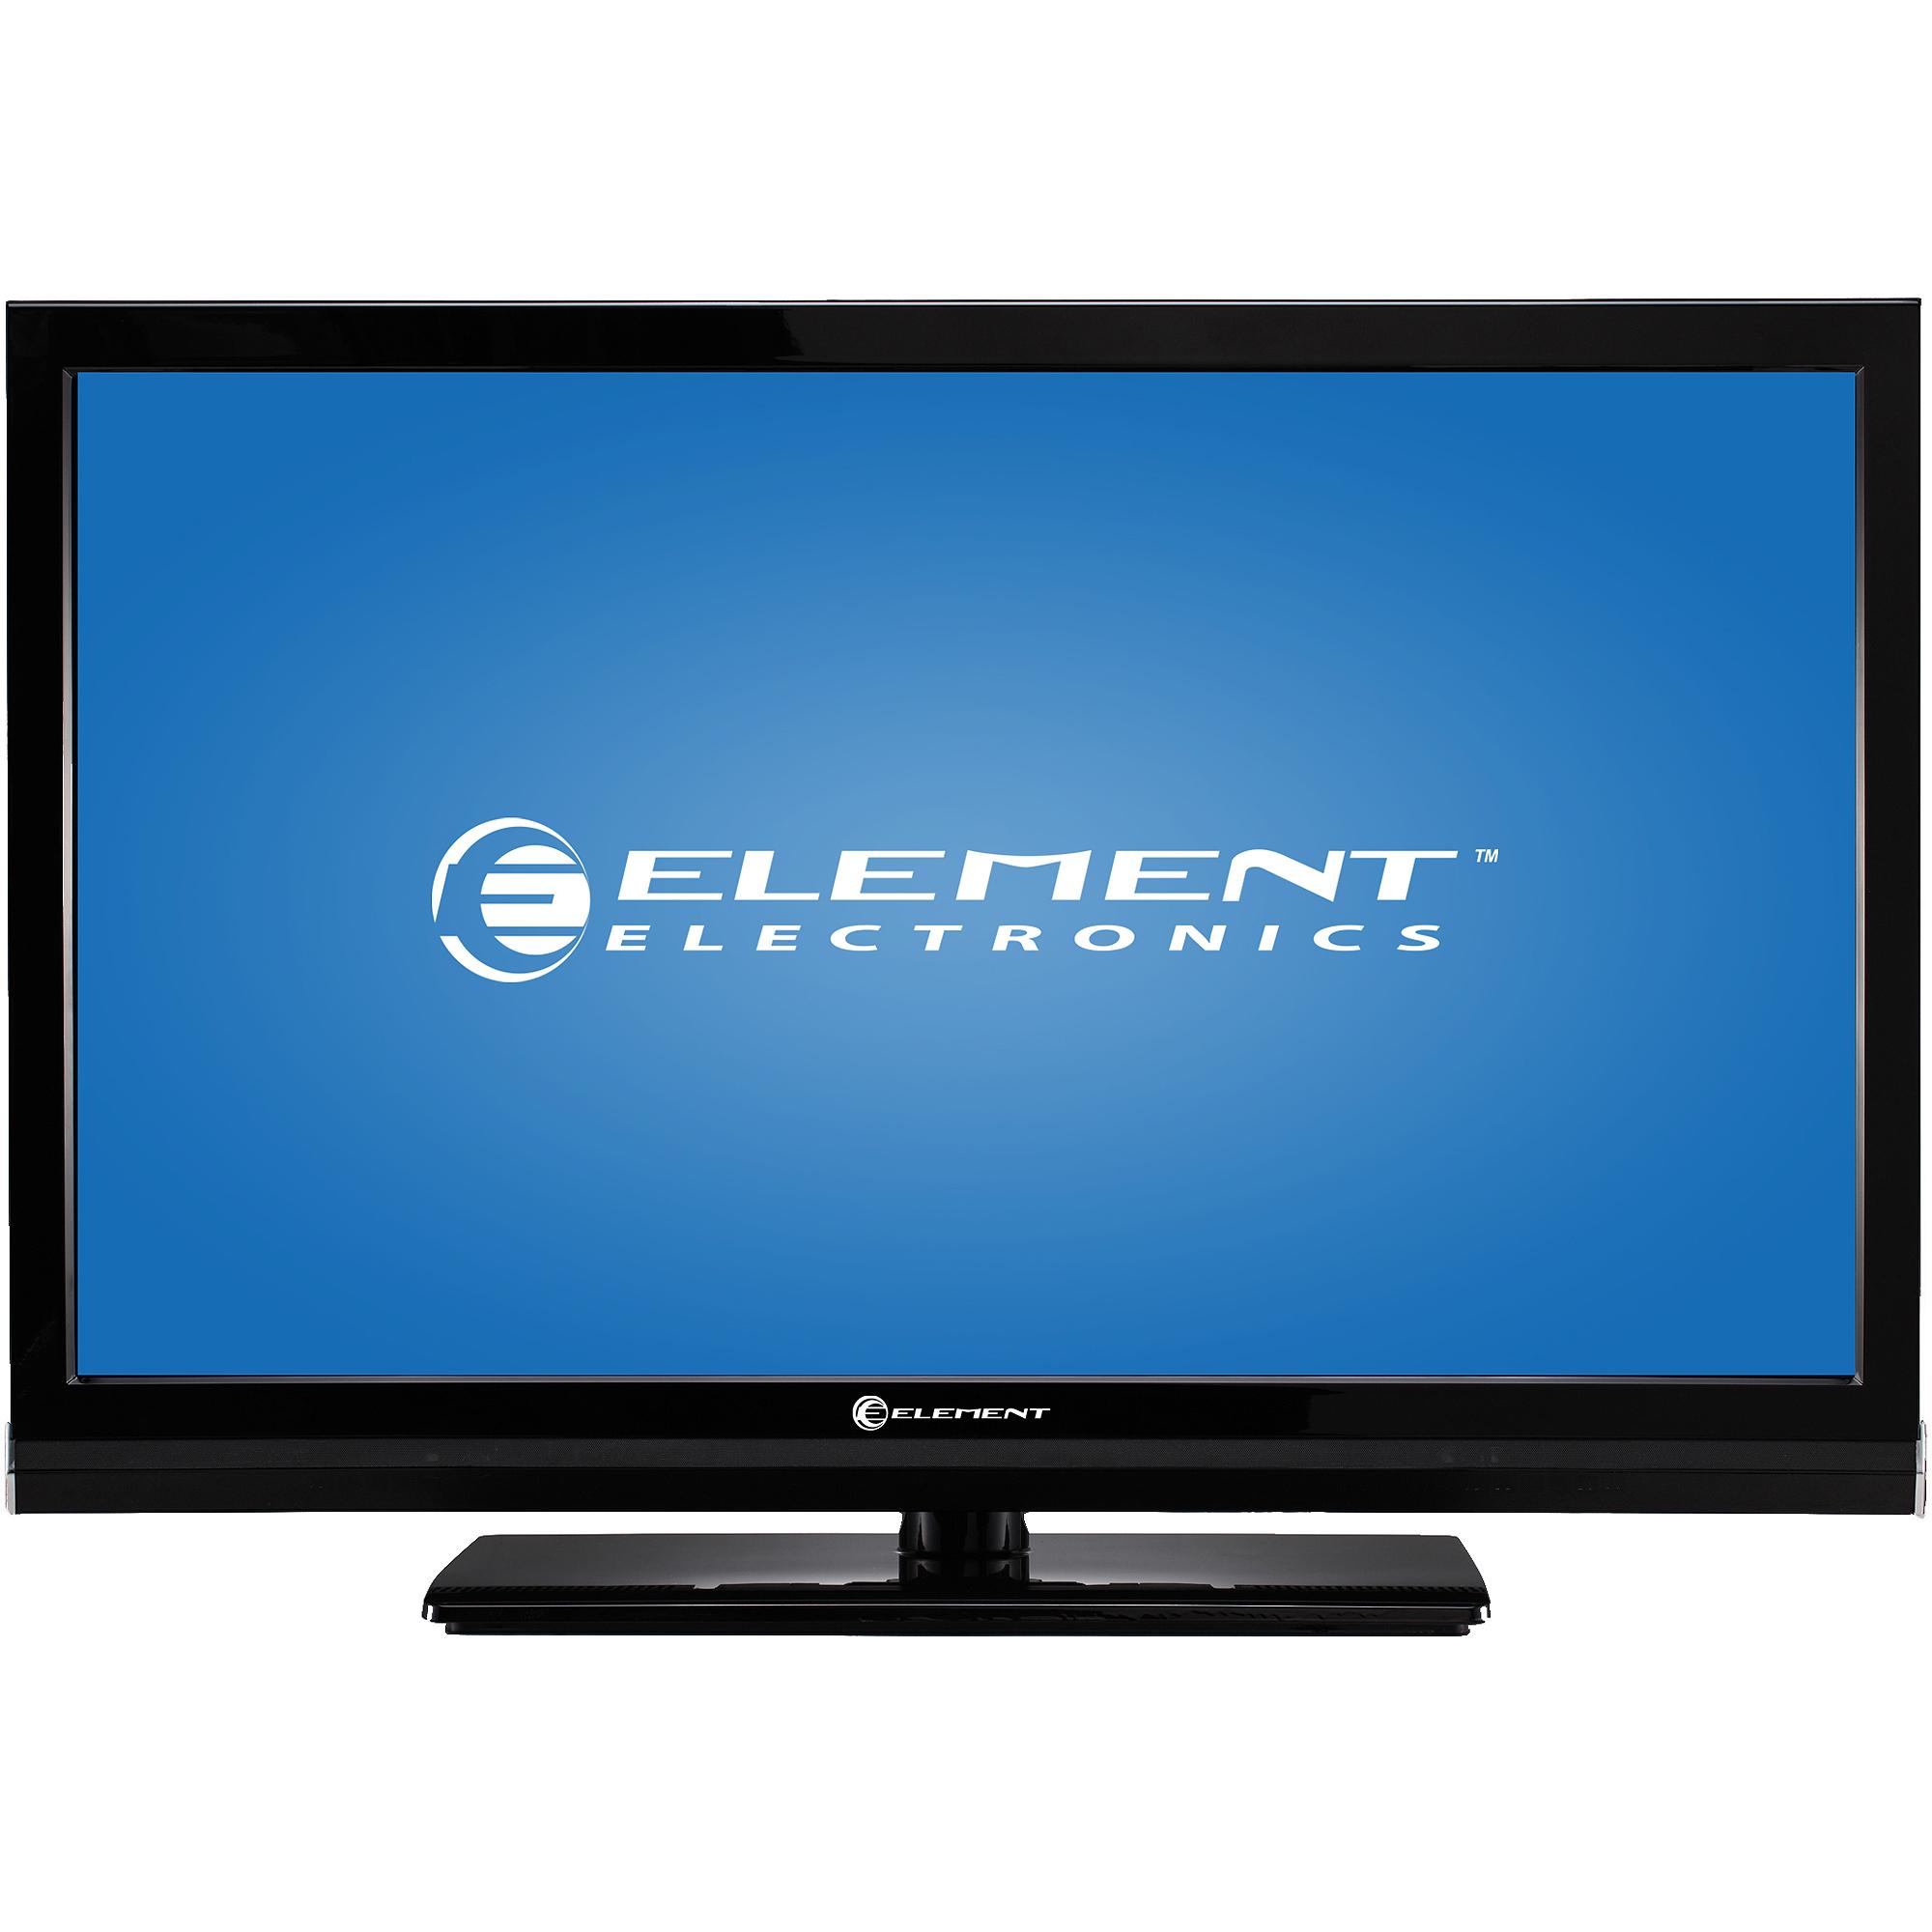 """Element ELEFQ391J 39"""" 1080p 60Hz LCD HDTV with JBL Speaker and Subwoofer"""